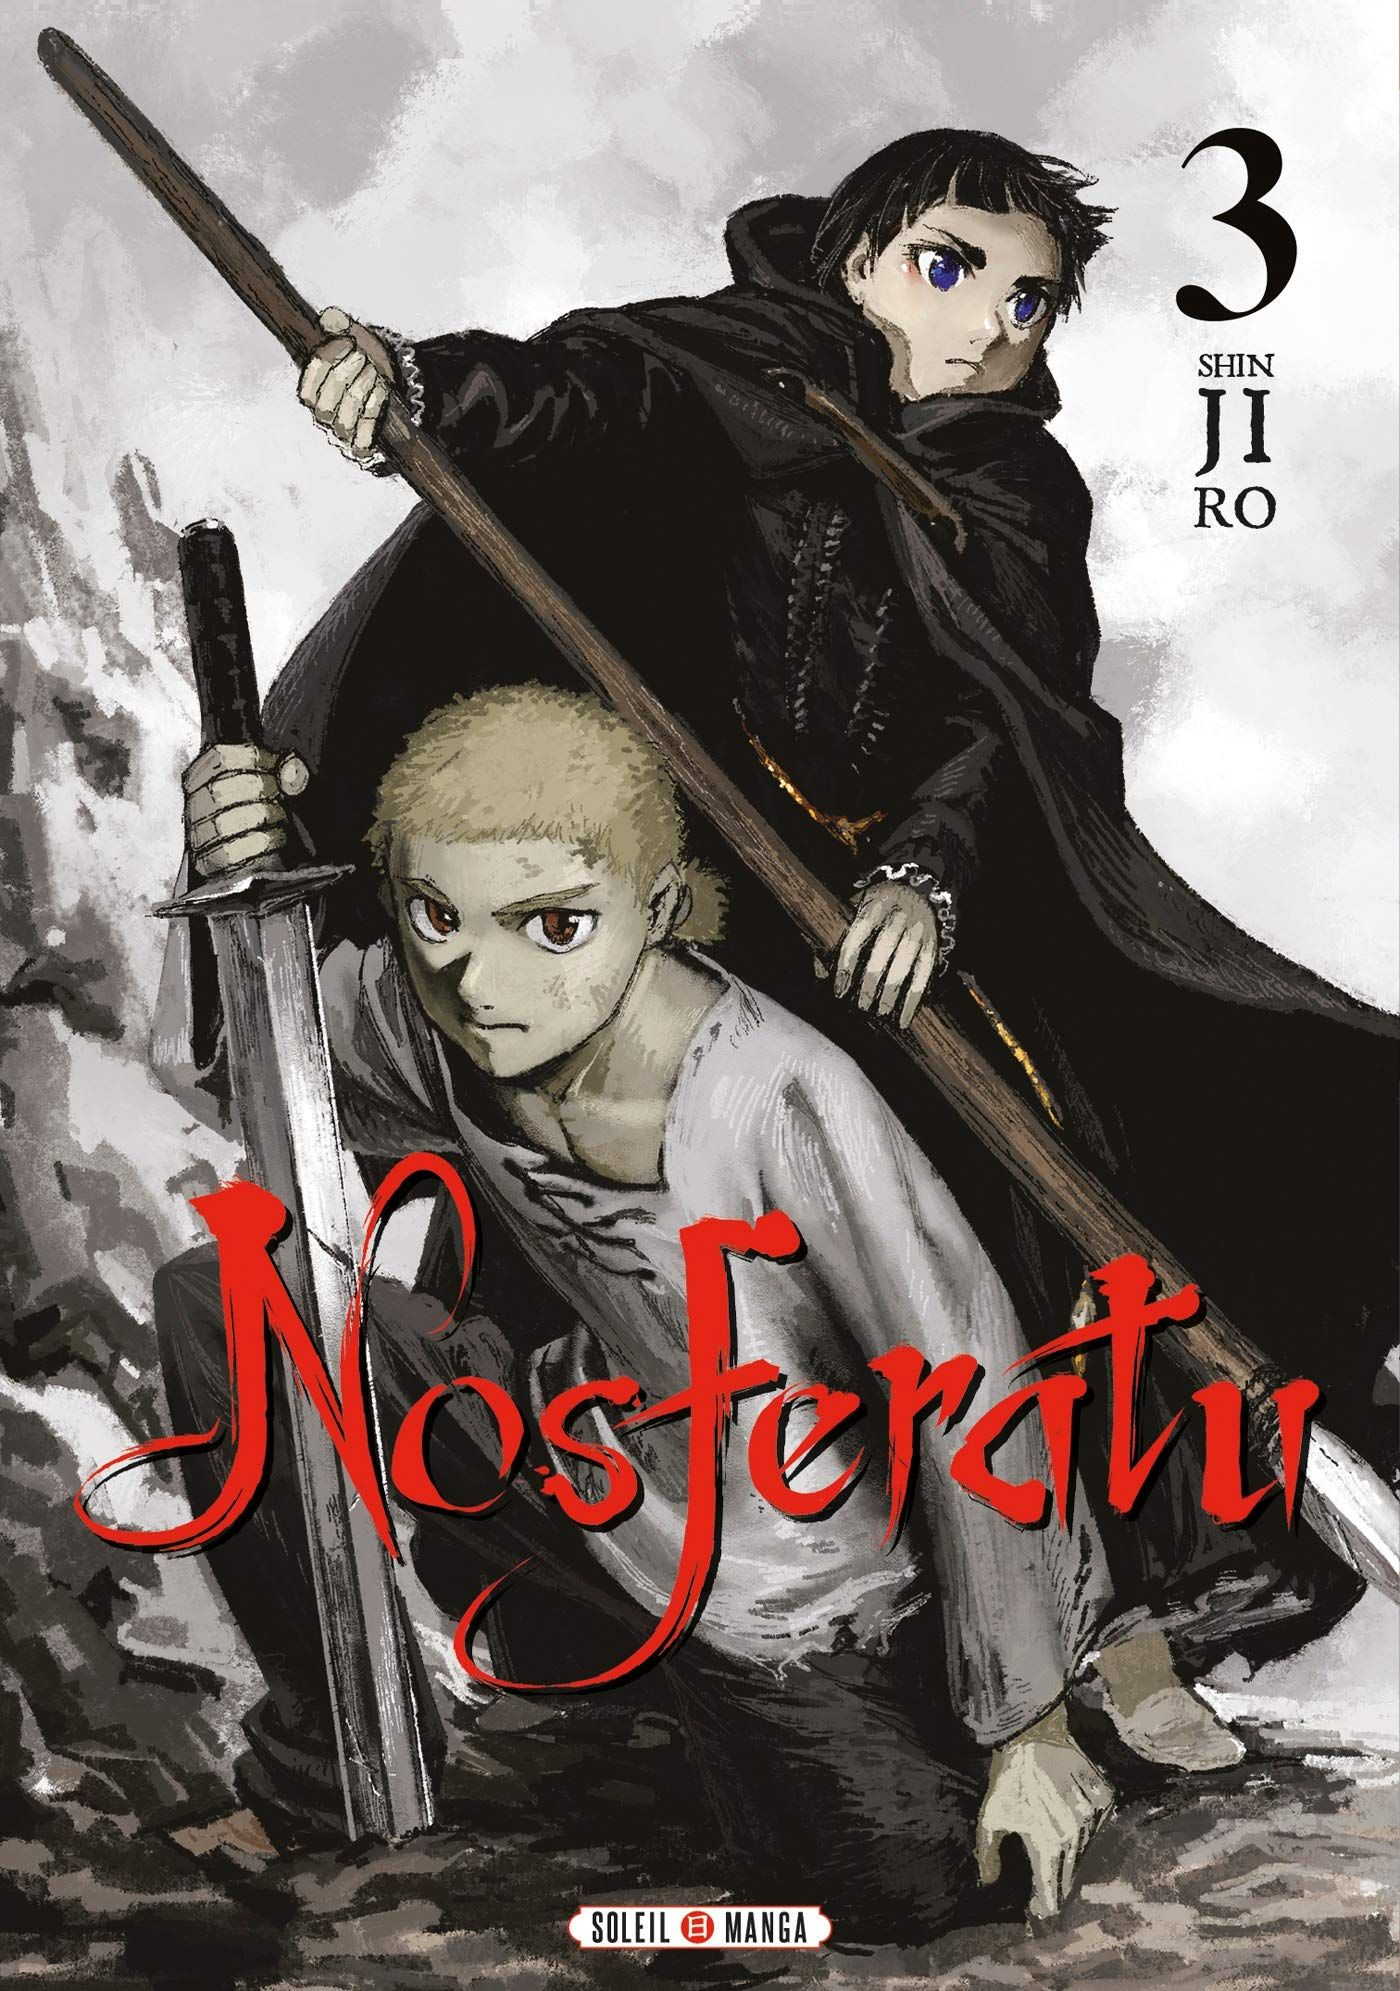 Sortie Manga au Québec JUIN 2021 Noferatu-3-soleil